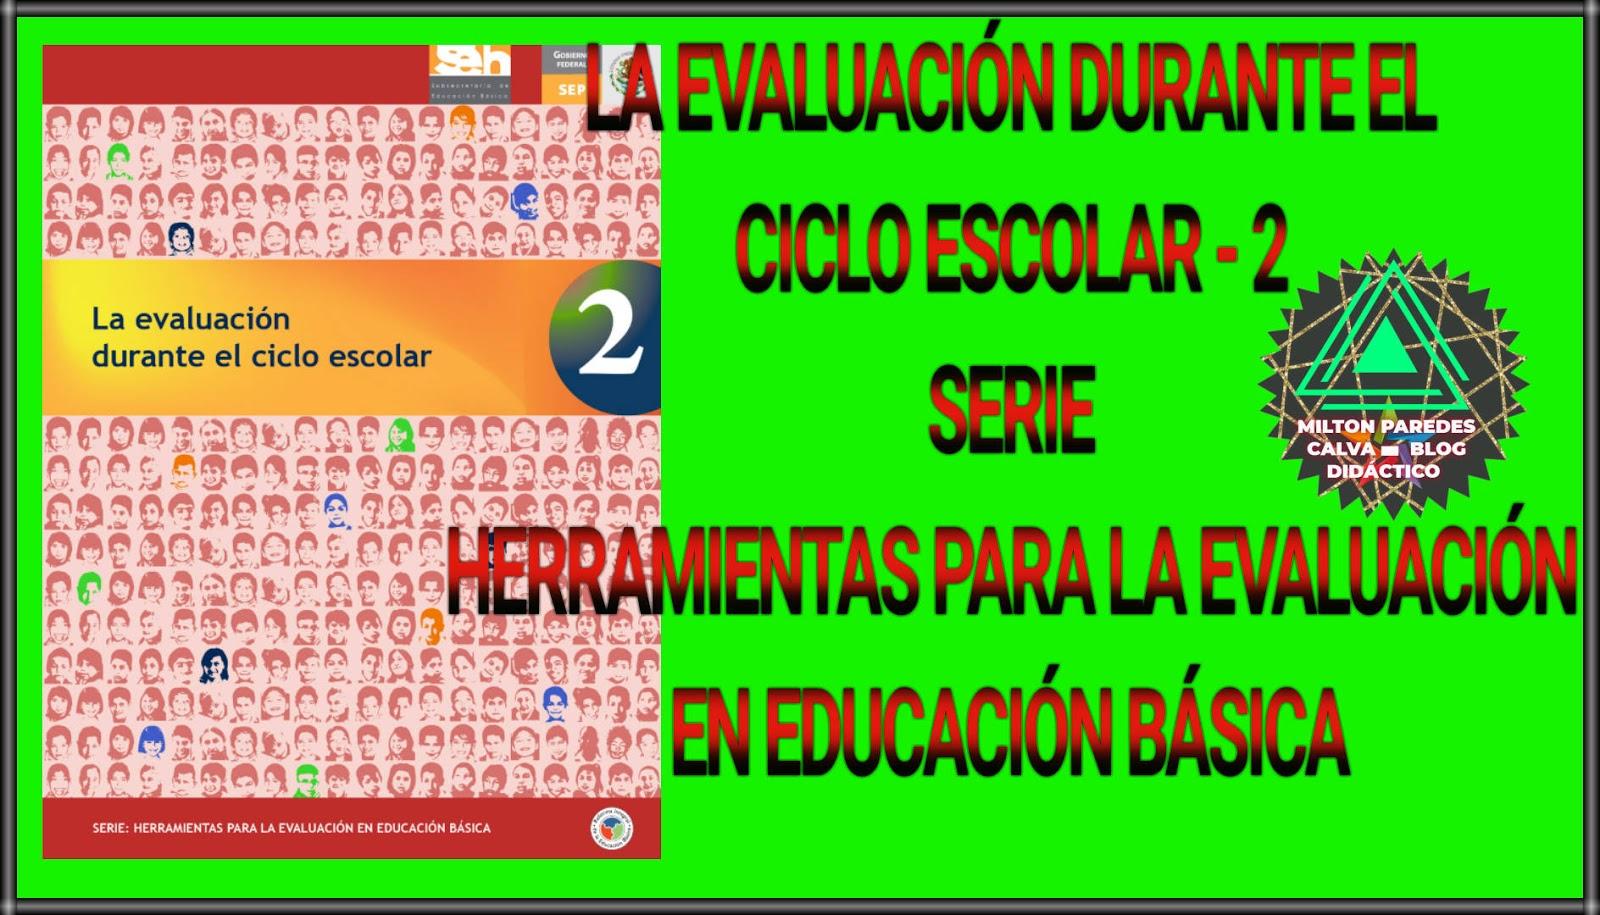 LA EVALUACIÓN DURANTE EL CICLO ESCOLAR-2 - SERIE:HERRAMIENTAS PARA LA EVALUACIÓN EN EDUCACIÓN BÁSICA